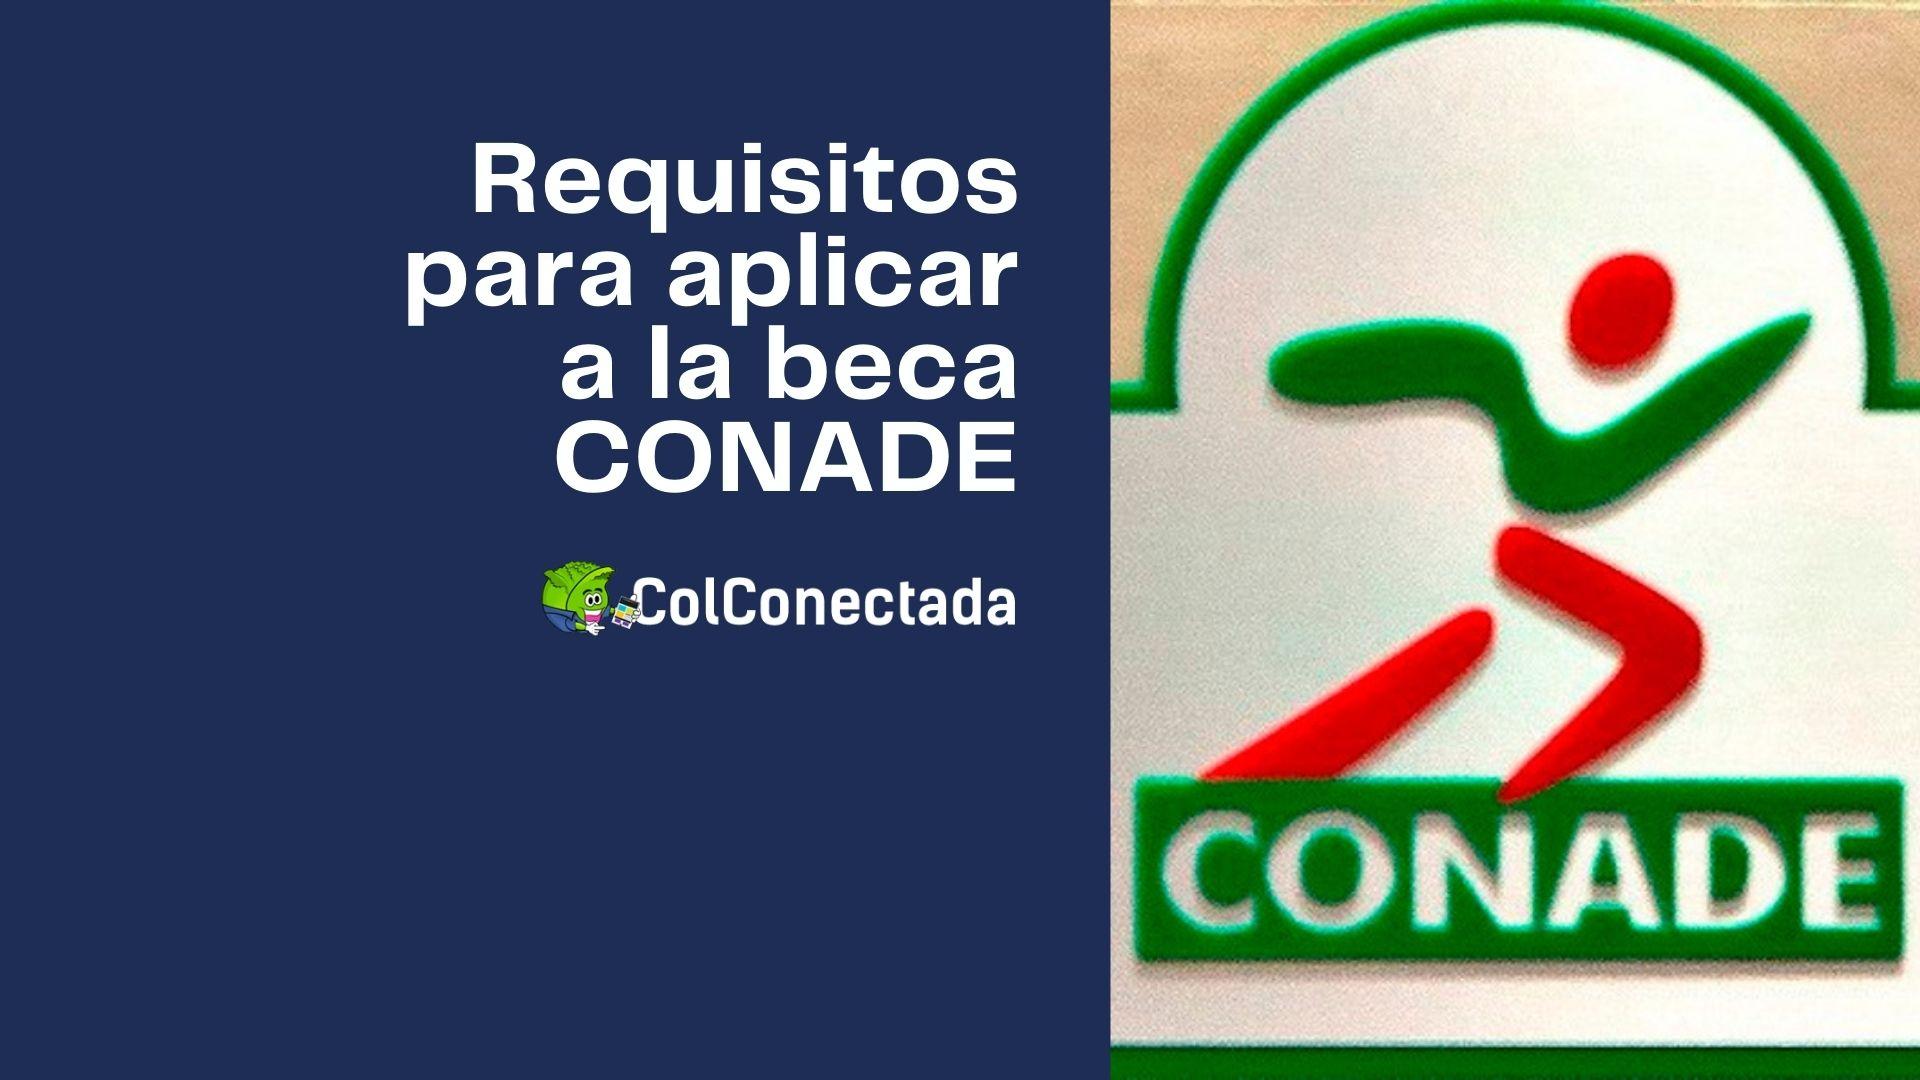 Pasos para aplicar a la beca CONADE en línea (Para deportistas) 2